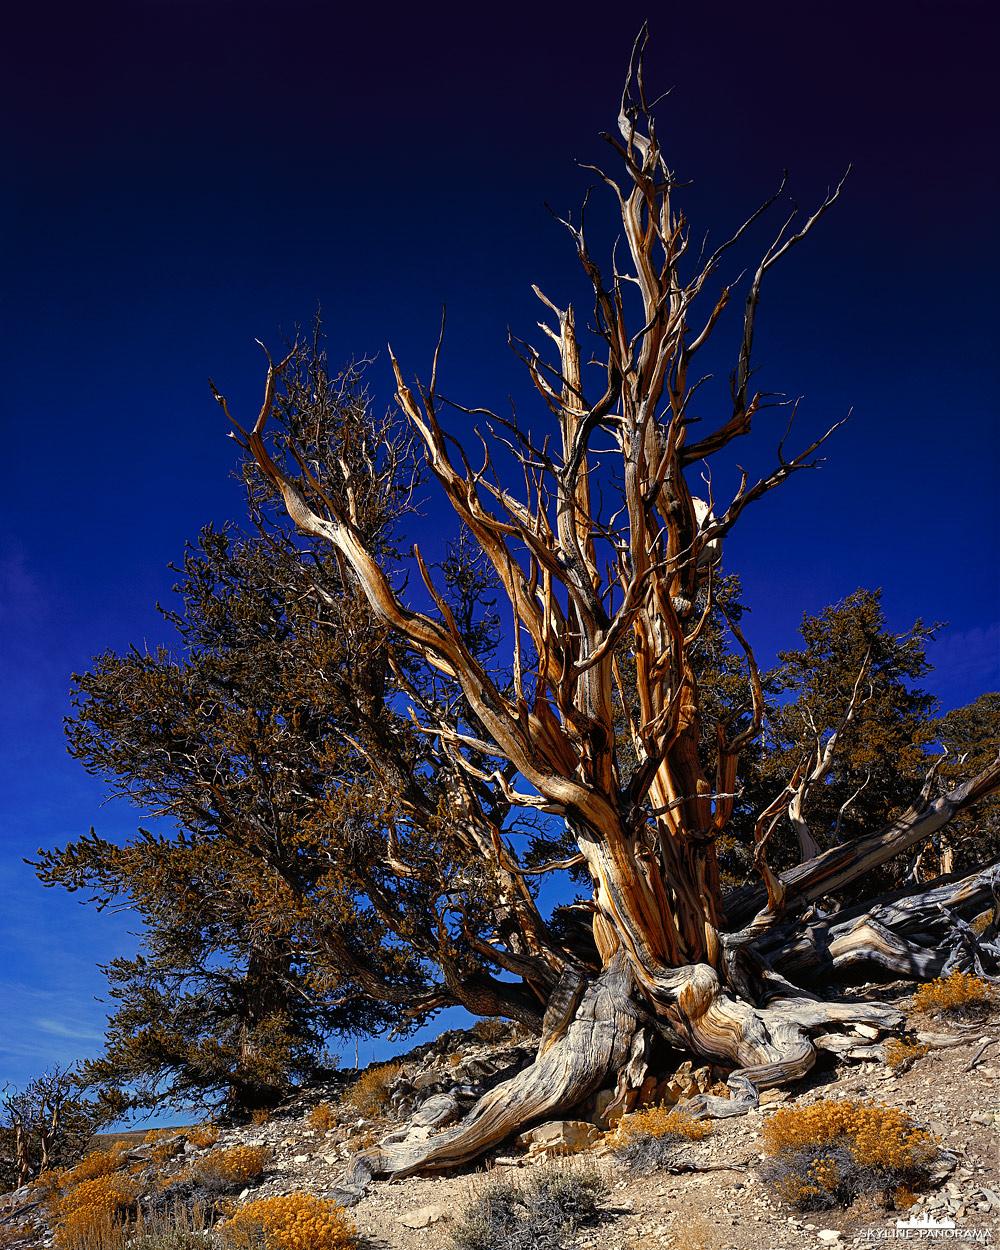 Die Methuselah in den White Mountains in Kalifornien sind über 4800 Jahre alt. Die alten Kiefern stehen in den Ancient Bristlecone Pine Forest auf 3000m ü.NN